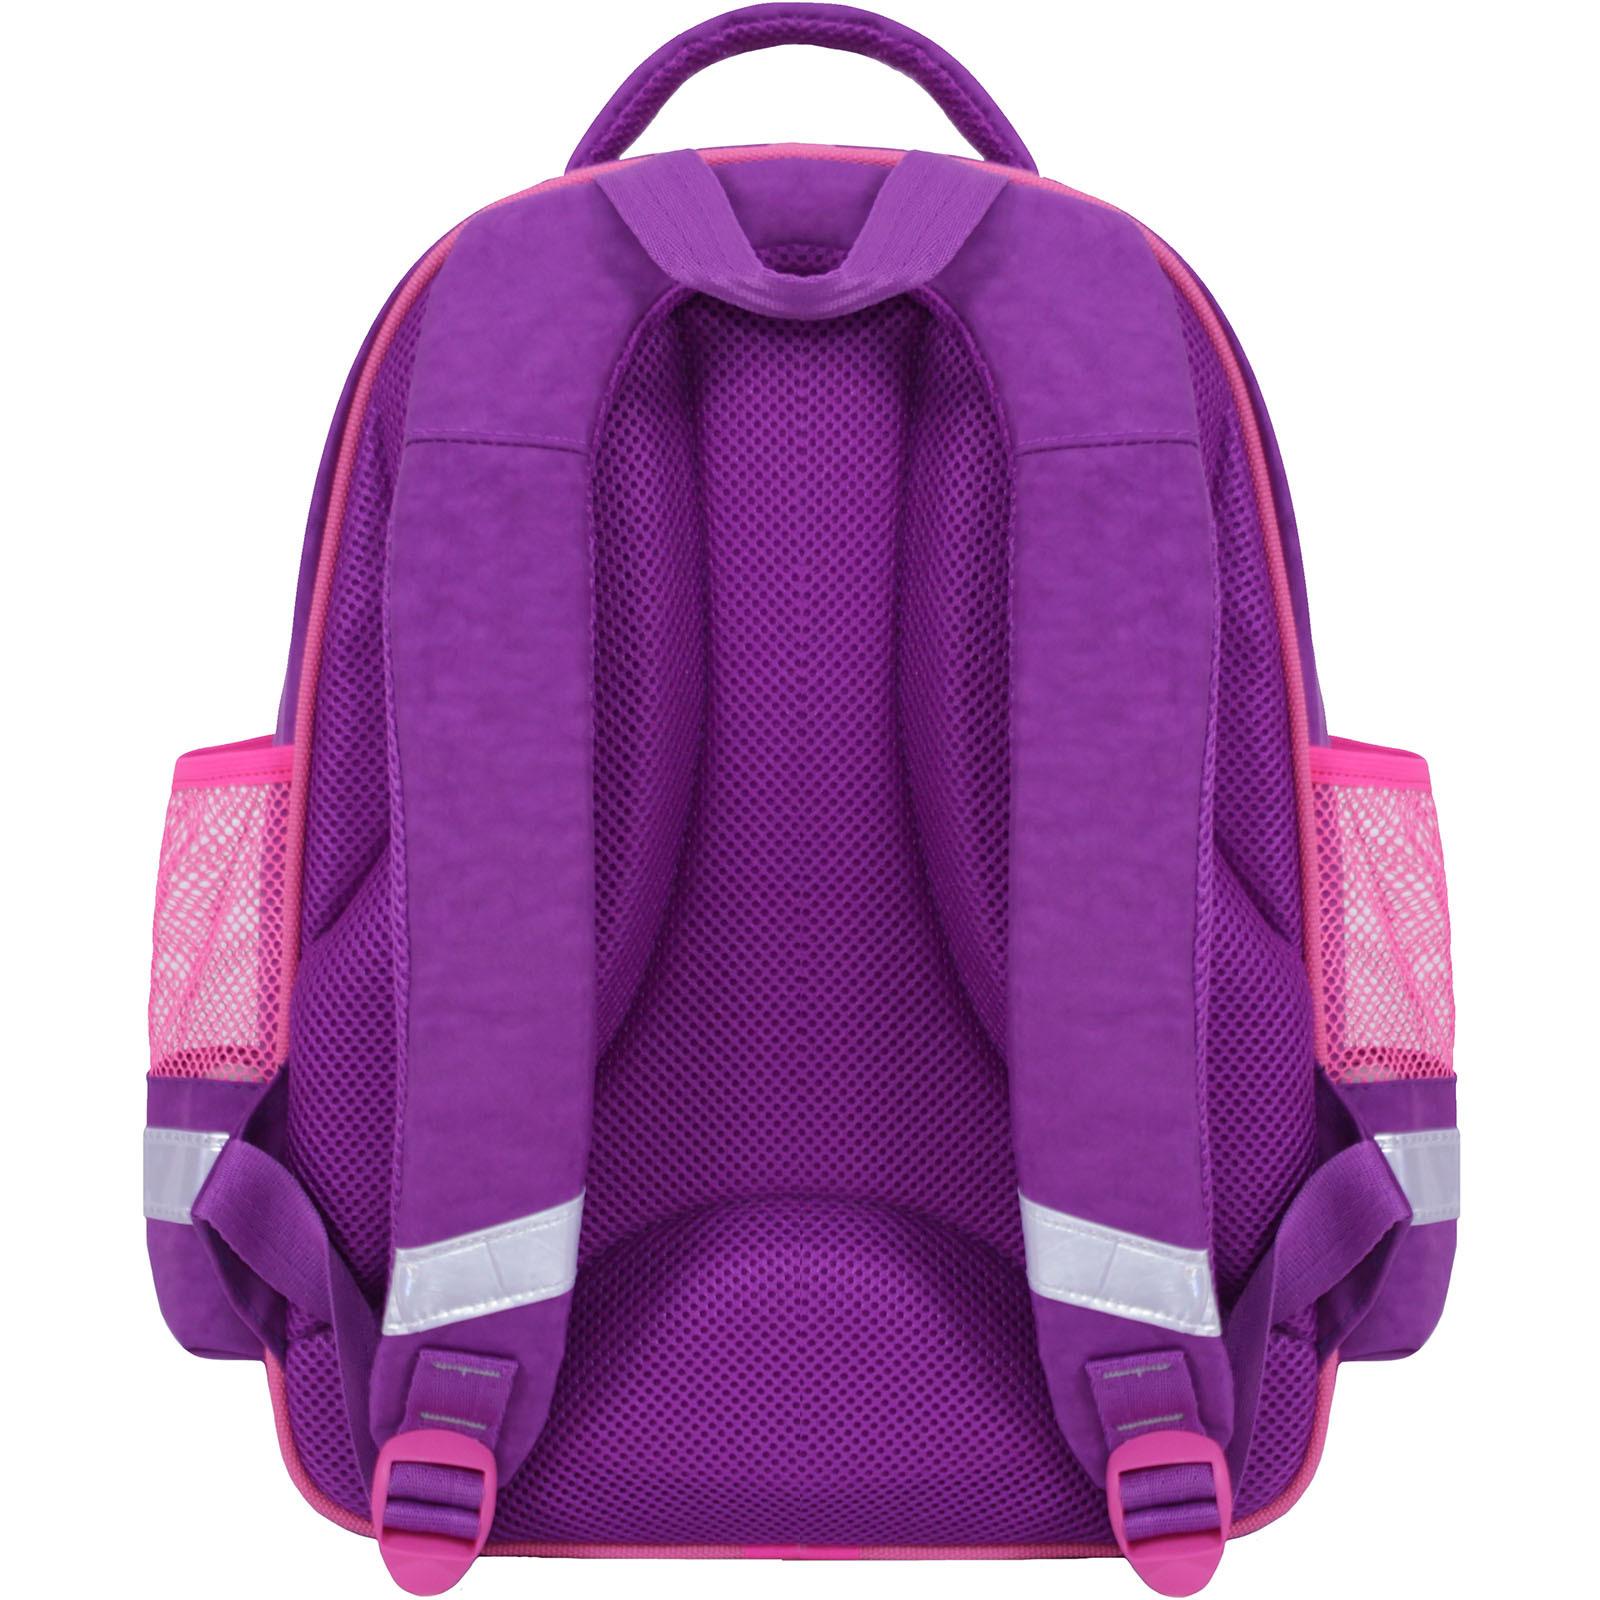 Рюкзак школьный Bagland Mouse 339 фиолетовый 428 (0051370) фото 3